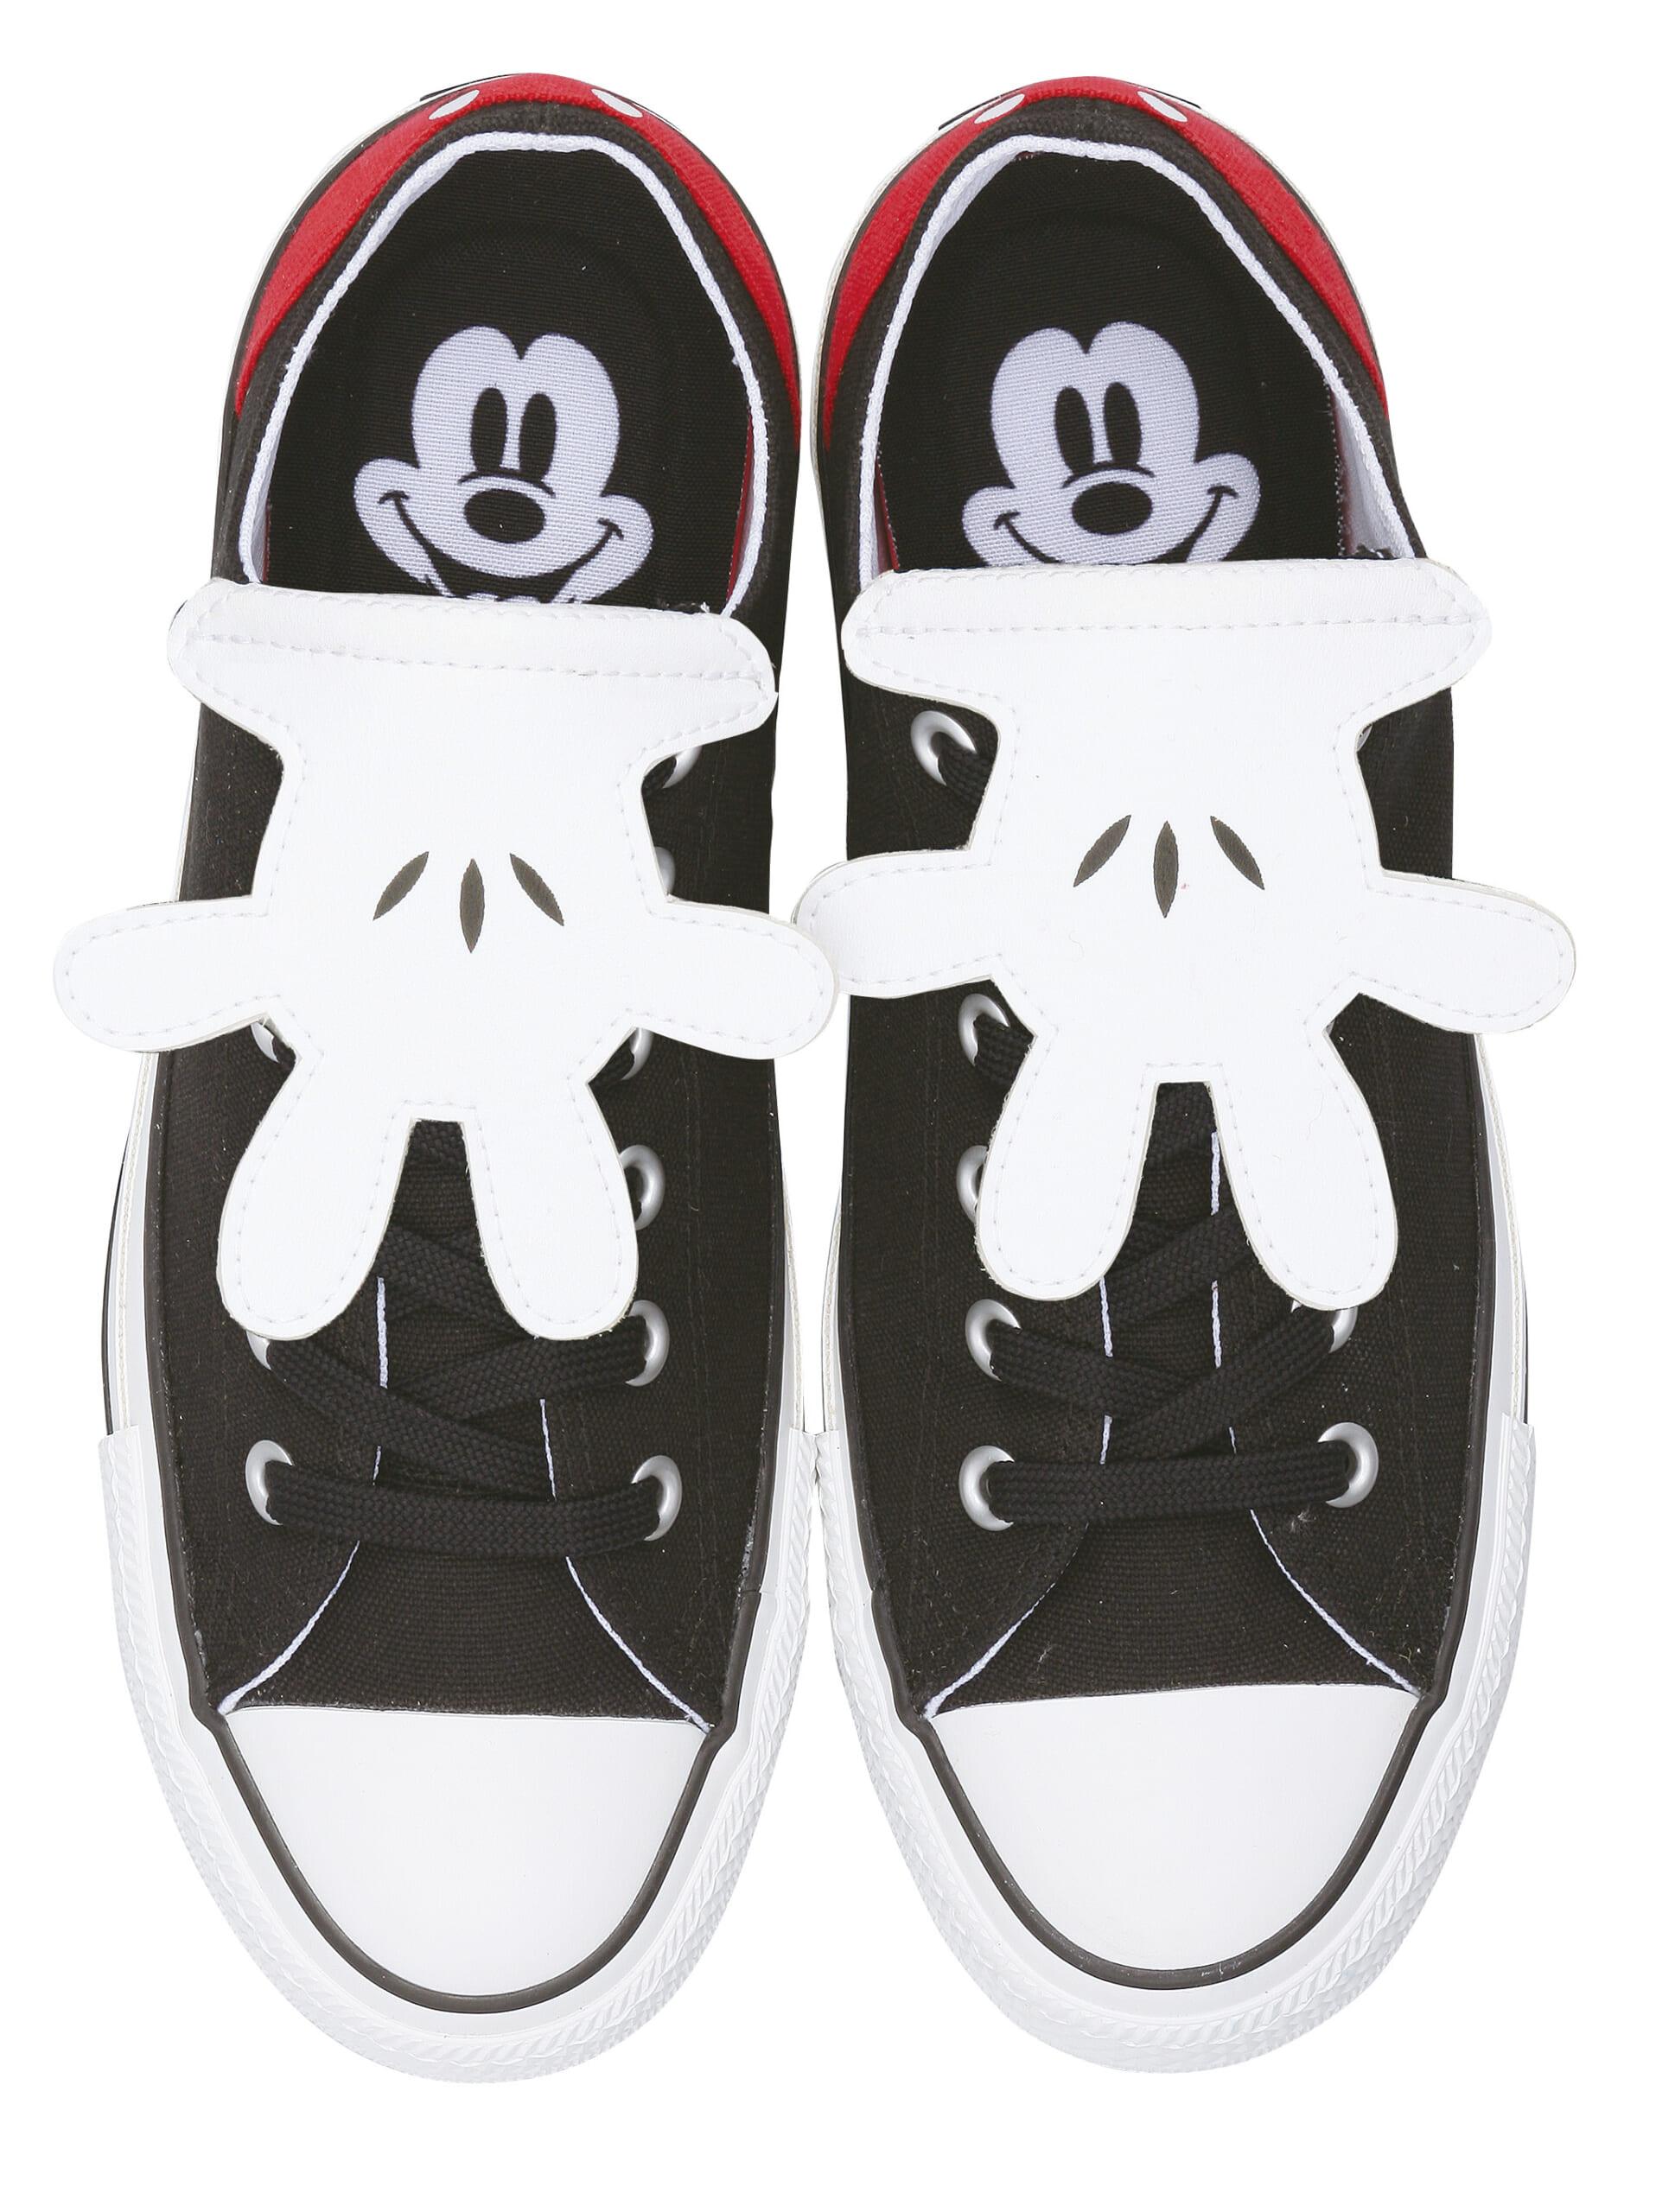 日本中が待ってた♪ 「ミッキーマウス」オールスターに早くも新作が!